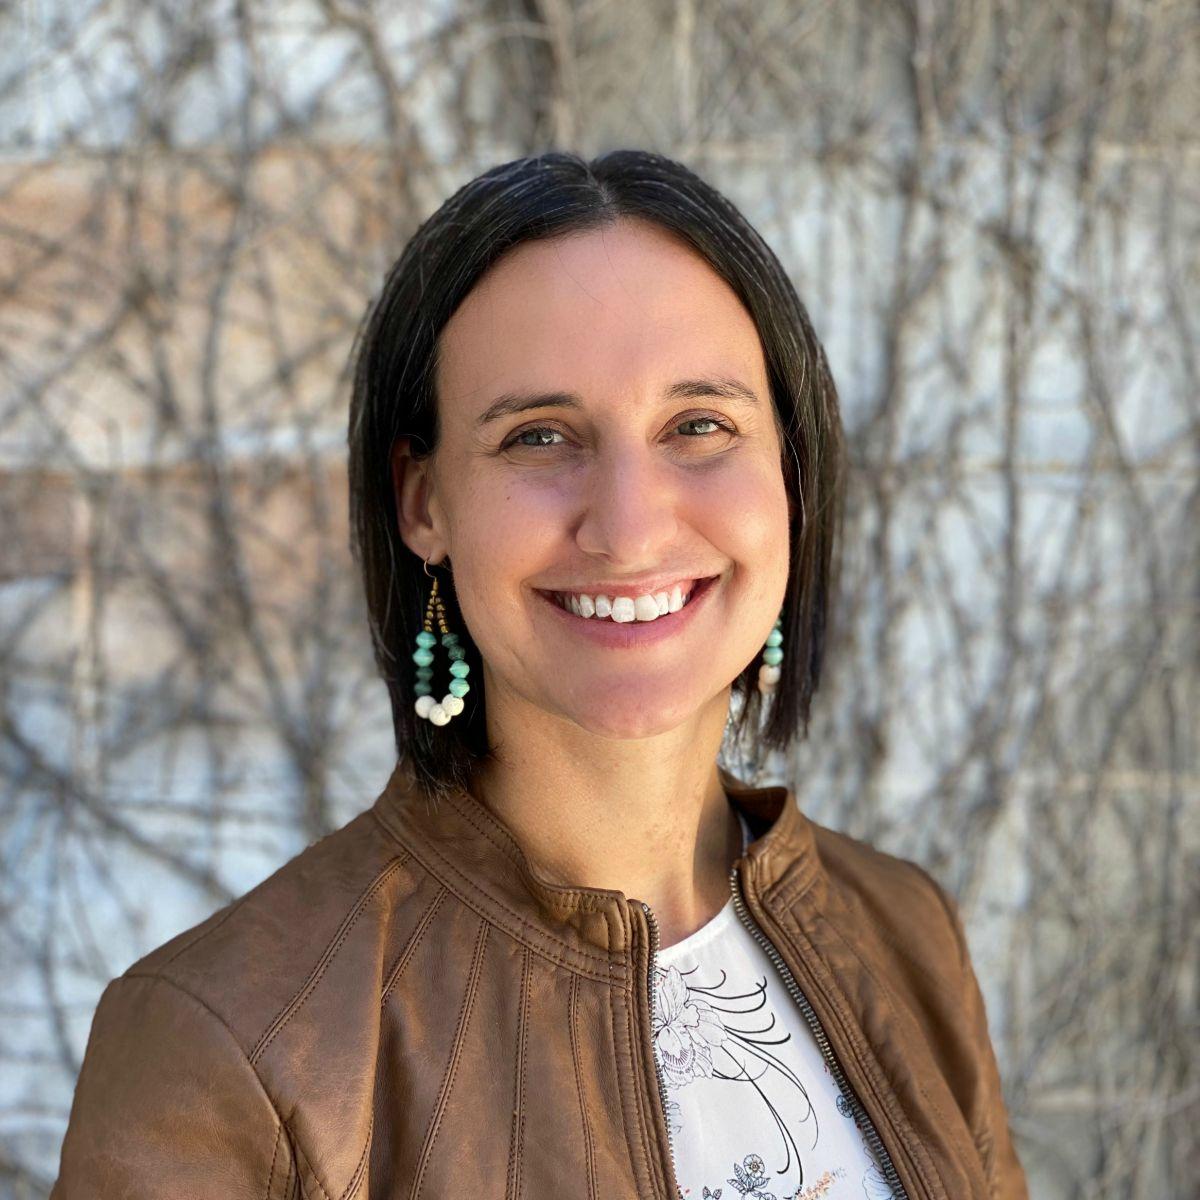 Sarah Hilkemann